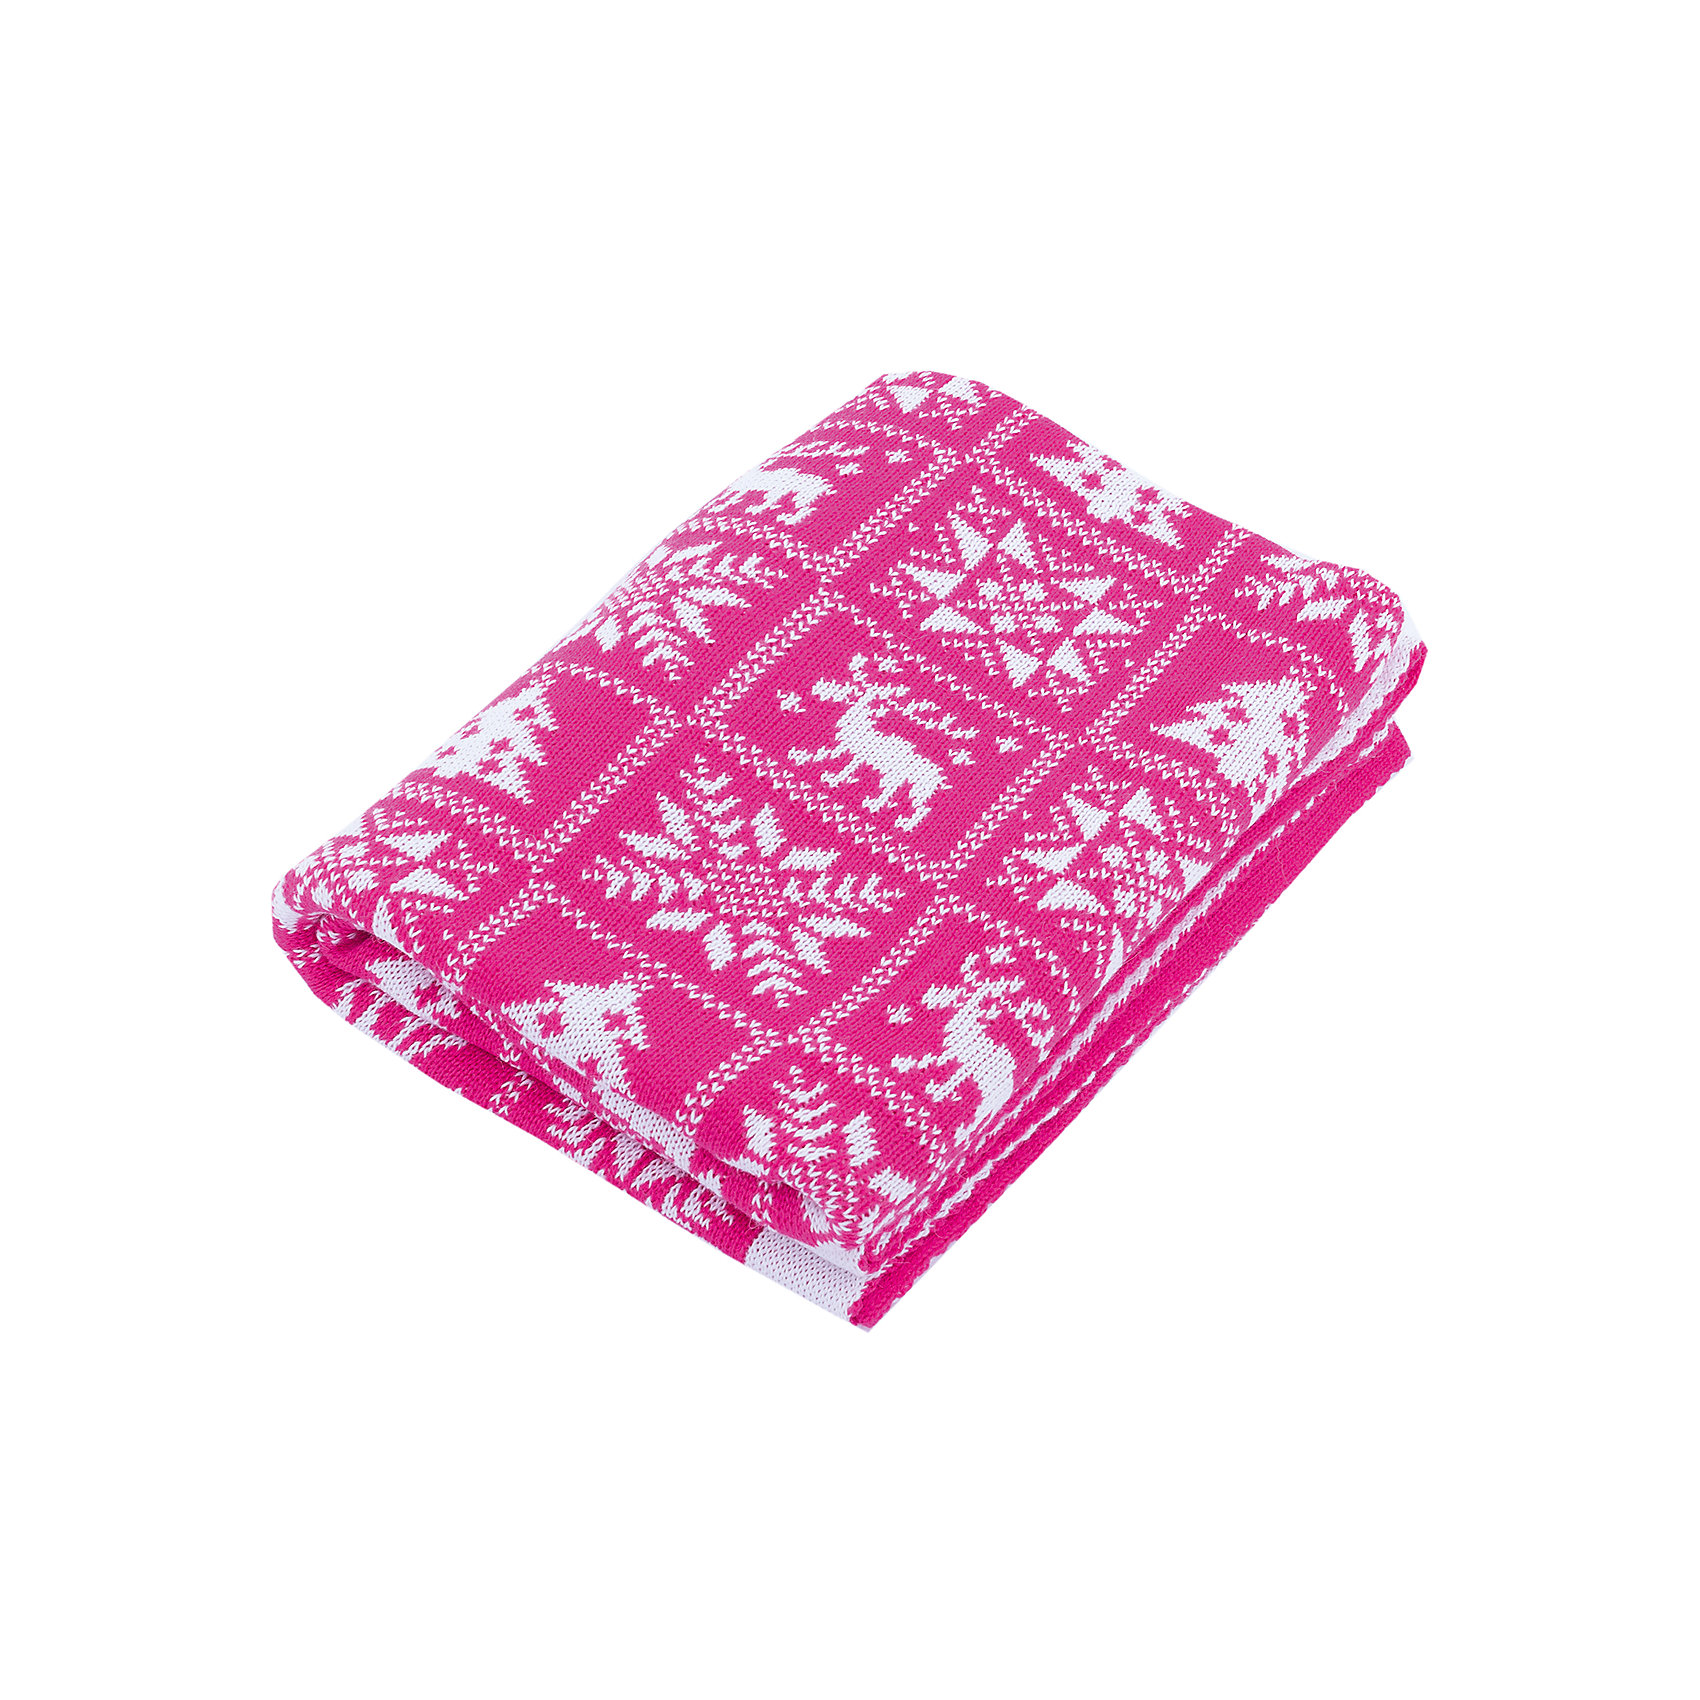 Плед Рождество Уси-ПусиПледы и одеяла<br>Характеристики товара:<br><br>• цвет: малиновый;<br>• ткань: вязаная;<br>• состав ткани: 50% шерсть, 50% пан;<br>• размер : 110х140 см;<br>• особенности модели: вязаная, с рисунком;<br>• сезон: демисезон;<br>• страна бренда: Россия;<br>• страна изготовитель: Россия.<br> <br>Полушерстяной вязанный плед «Рождество» будет прекрасным дополнением в гардеробе Вашего малыша в любое время года. <br><br>Ровная машинная вязка с рождественским детским рисунком напомнит лучшие детские мгновения, порадует Вас и малыша теплотой и простотой по уходу за изделием. Пледом можно прикрыть спящего малыша дома, на улице или в машине. <br><br>Вязанный плед «Рождество»  Уси-Пуси можно купить в нашем интернет-магазине.<br><br>Ширина мм: 37<br>Глубина мм: 4<br>Высота мм: 25<br>Вес г: 430<br>Цвет: красный<br>Возраст от месяцев: 0<br>Возраст до месяцев: 24<br>Пол: Унисекс<br>Возраст: Детский<br>Размер: one size<br>SKU: 7029560